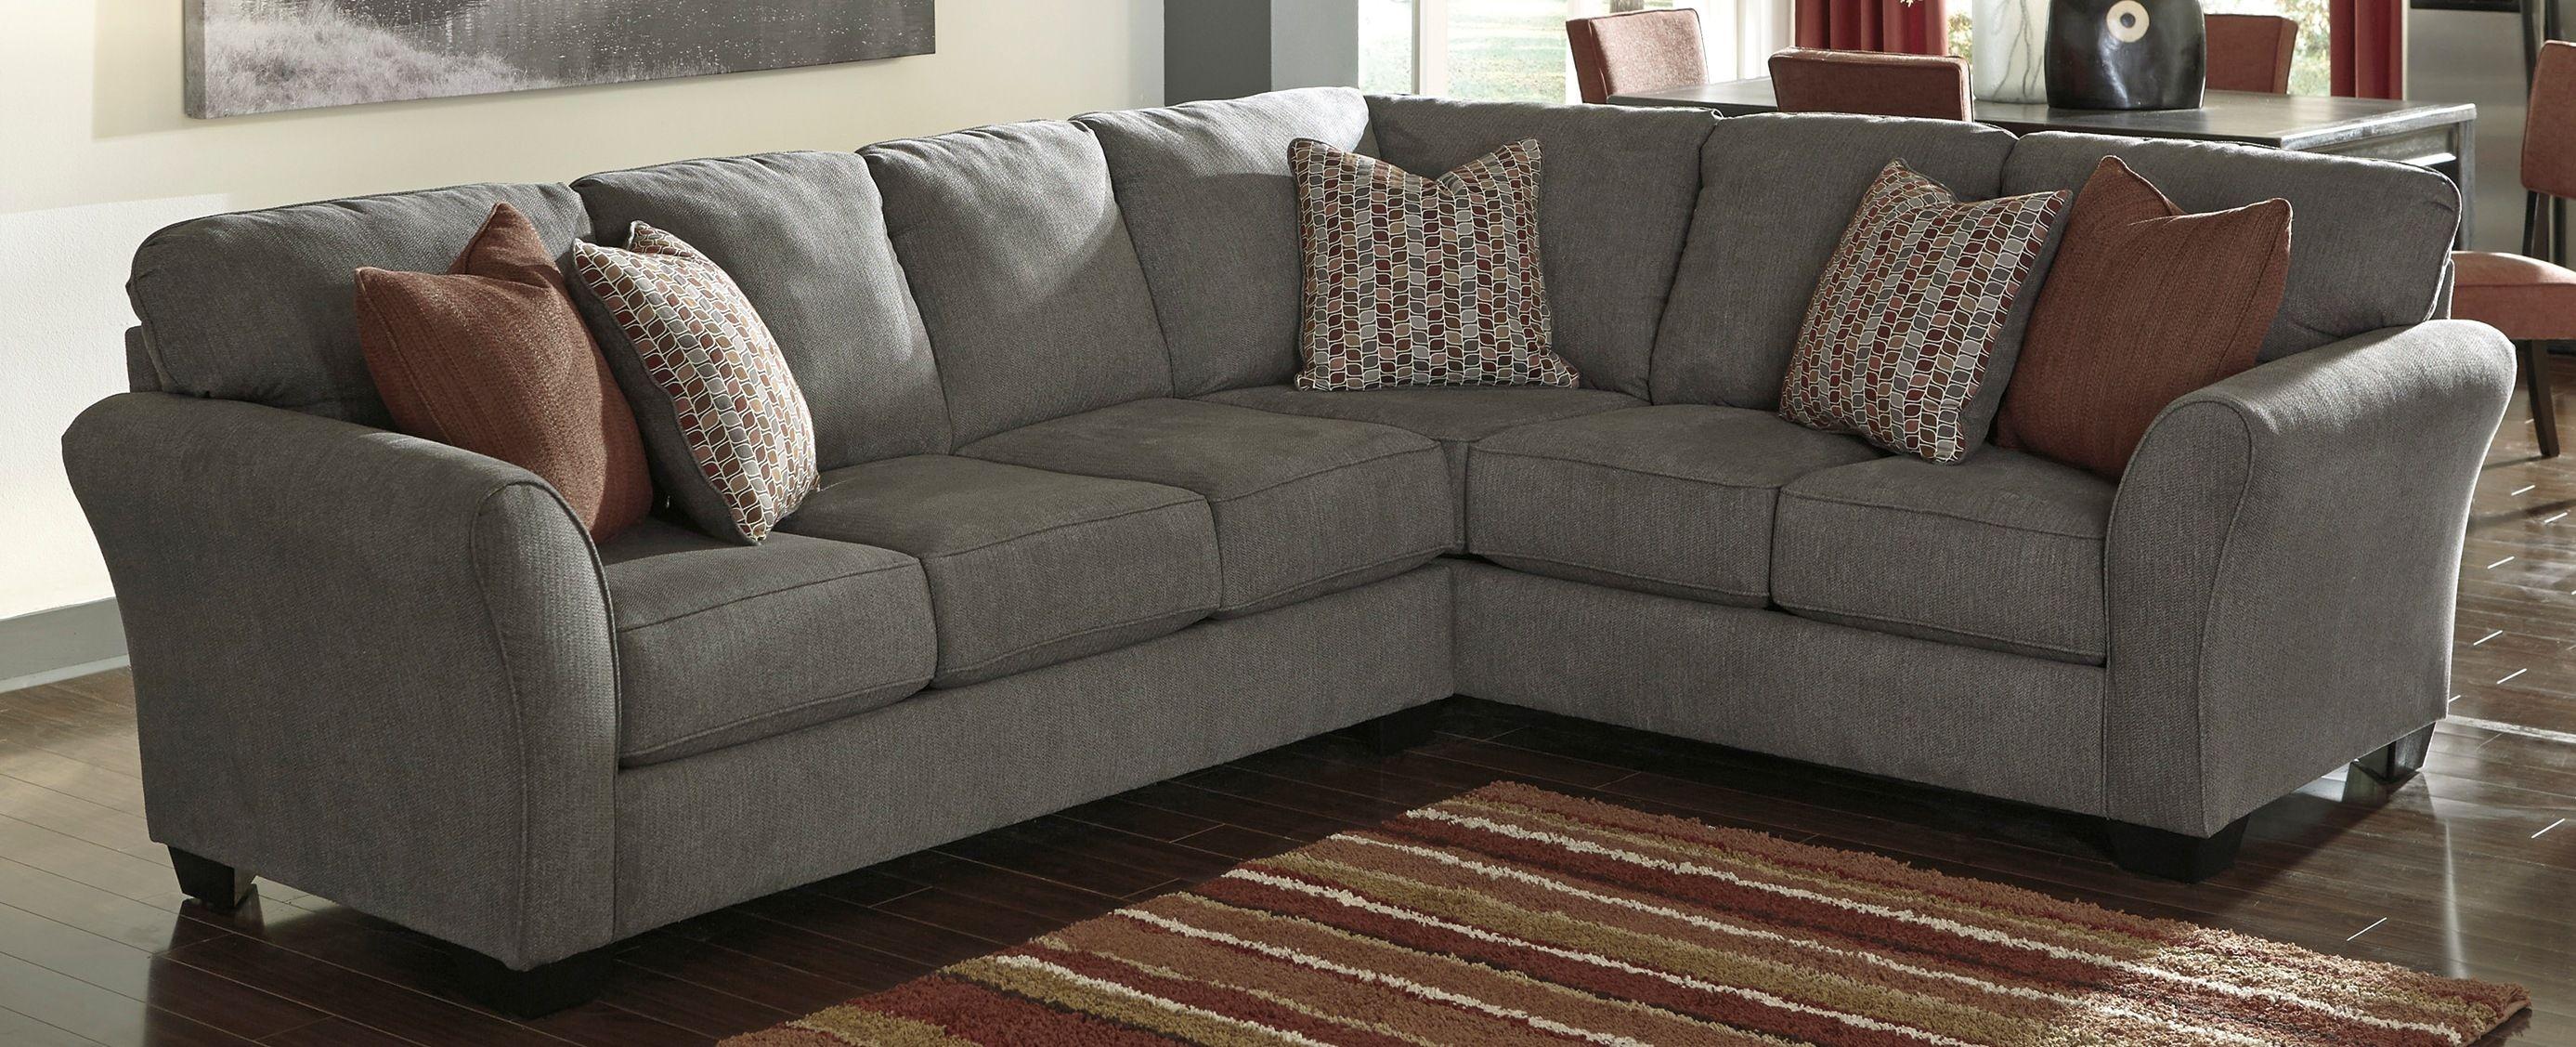 Ashley Furniture 8680049 8680066 Din Steel Raf Sofa With